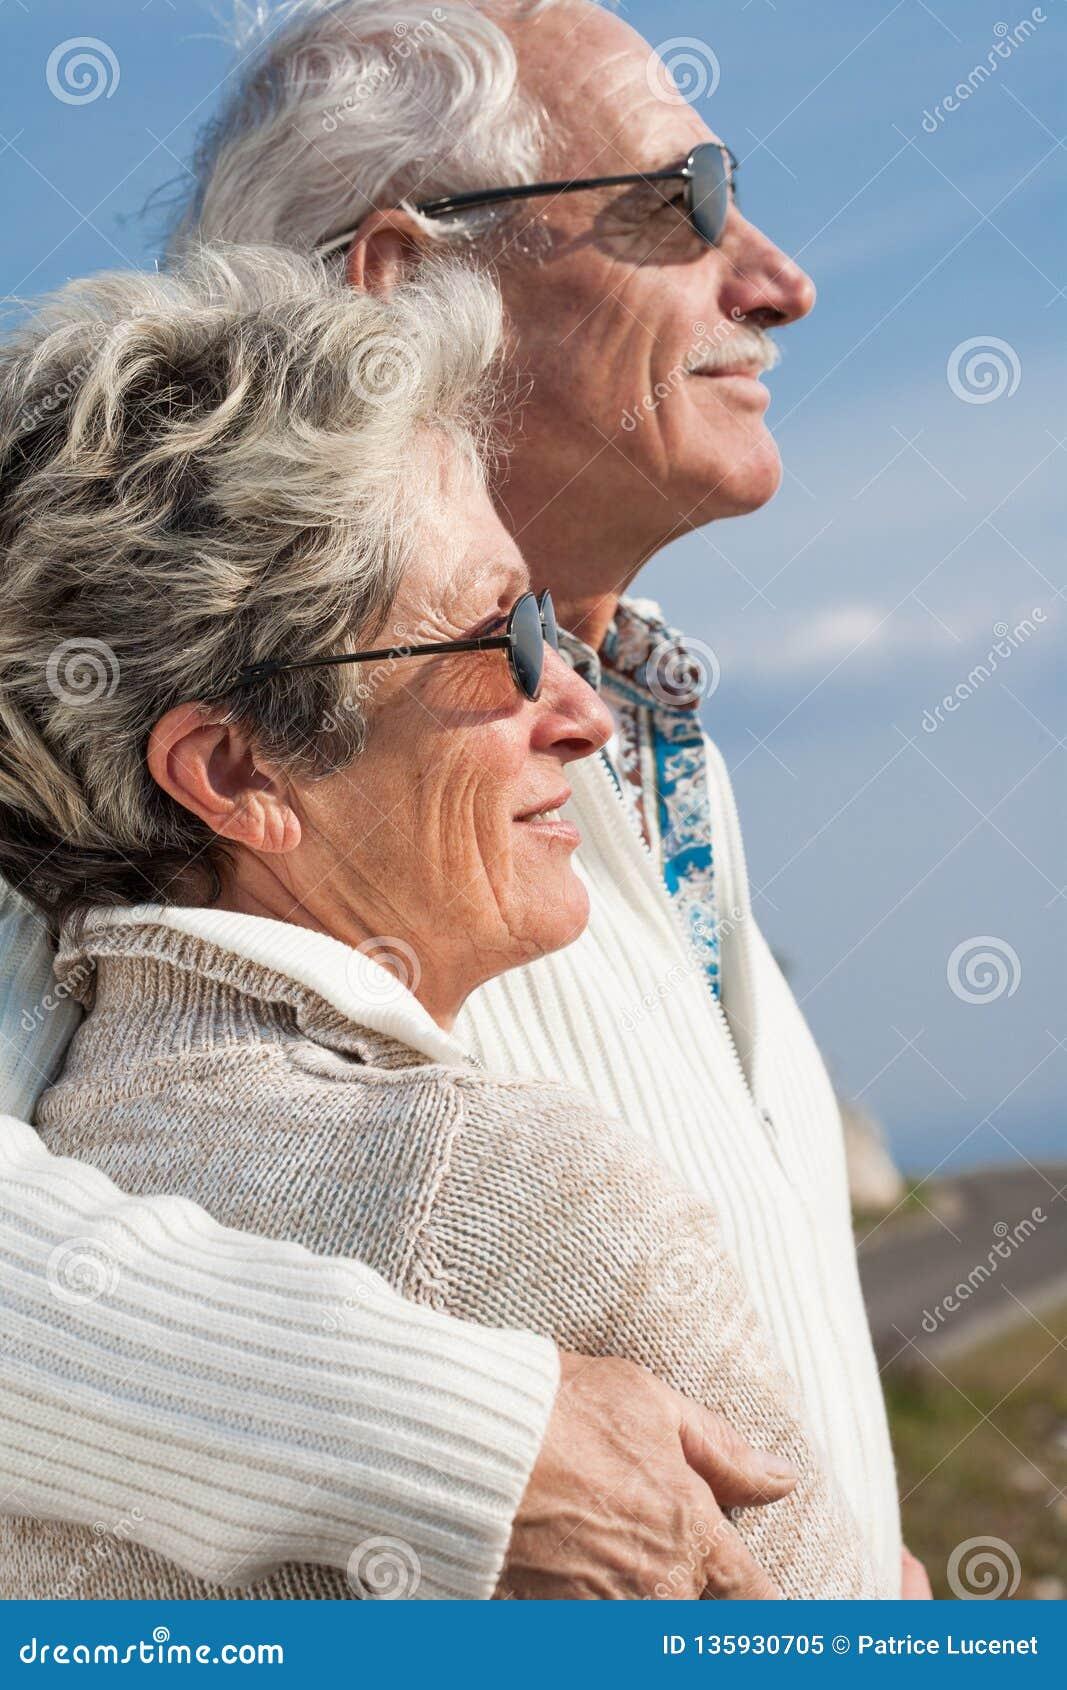 New York International Senior Singles Dating Online Site